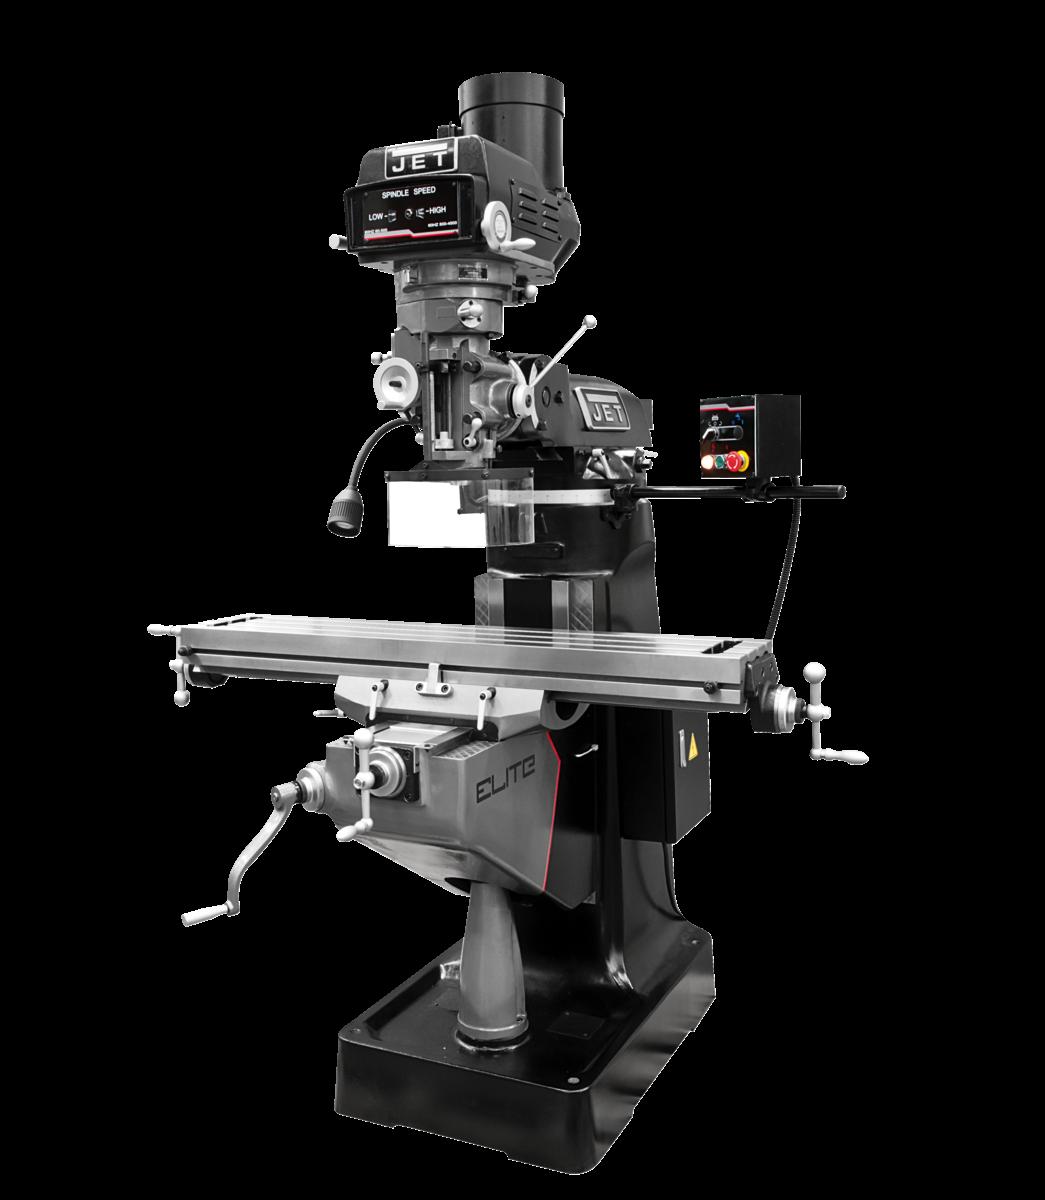 ETM-949 Mill with X, Y, Z-Axis JET Powerfeeds